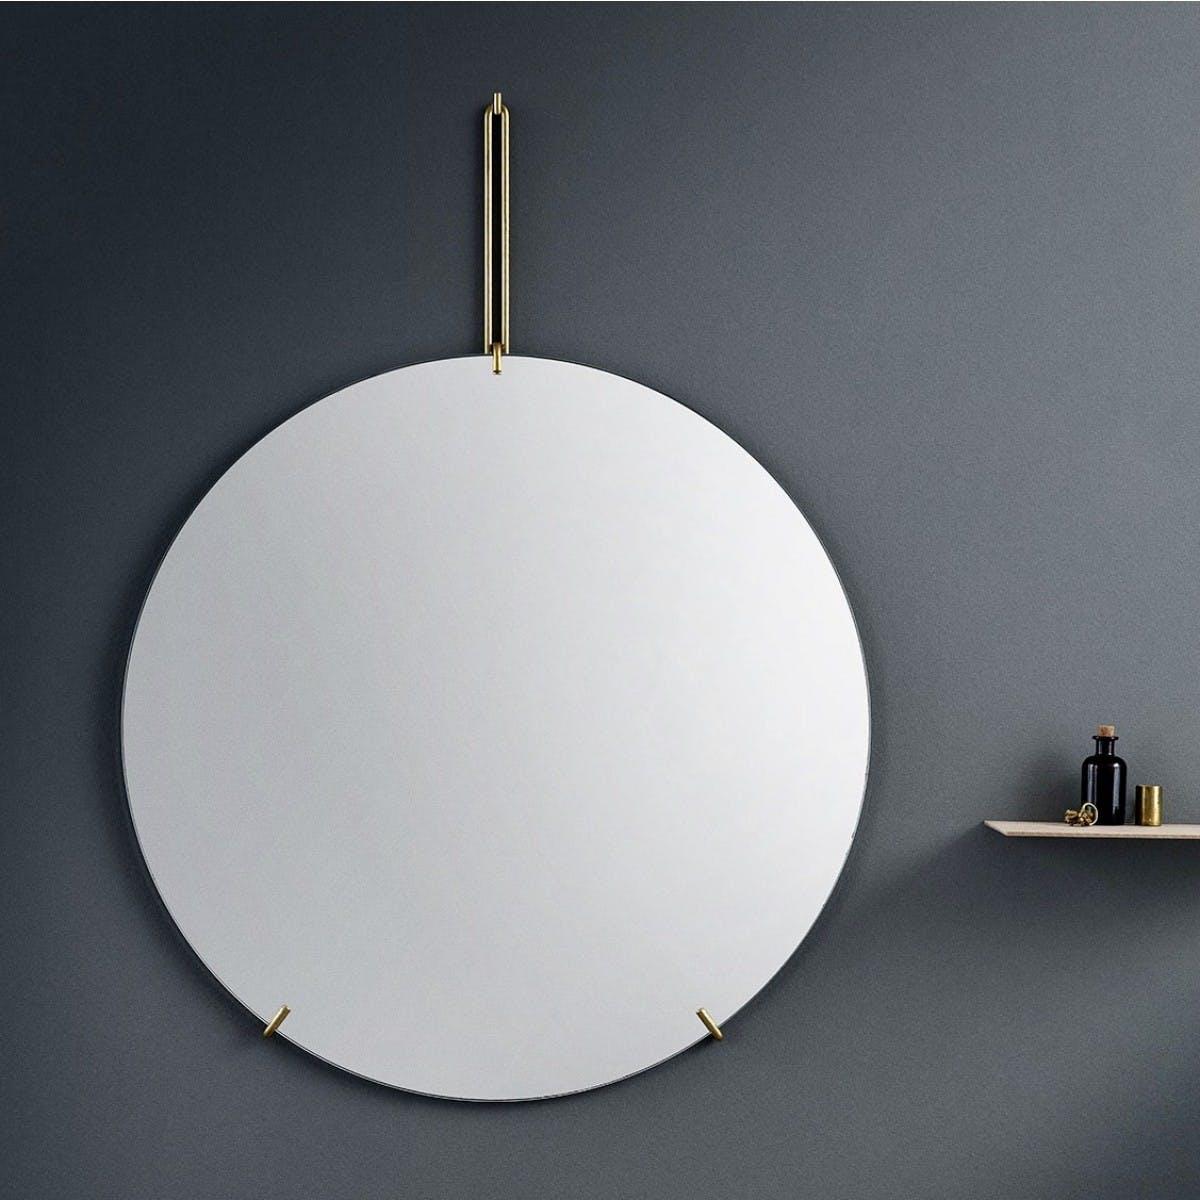 spejl til badeværelse Her er 10 spejle til dit badeværelse. | bobedre.dk spejl til badeværelse